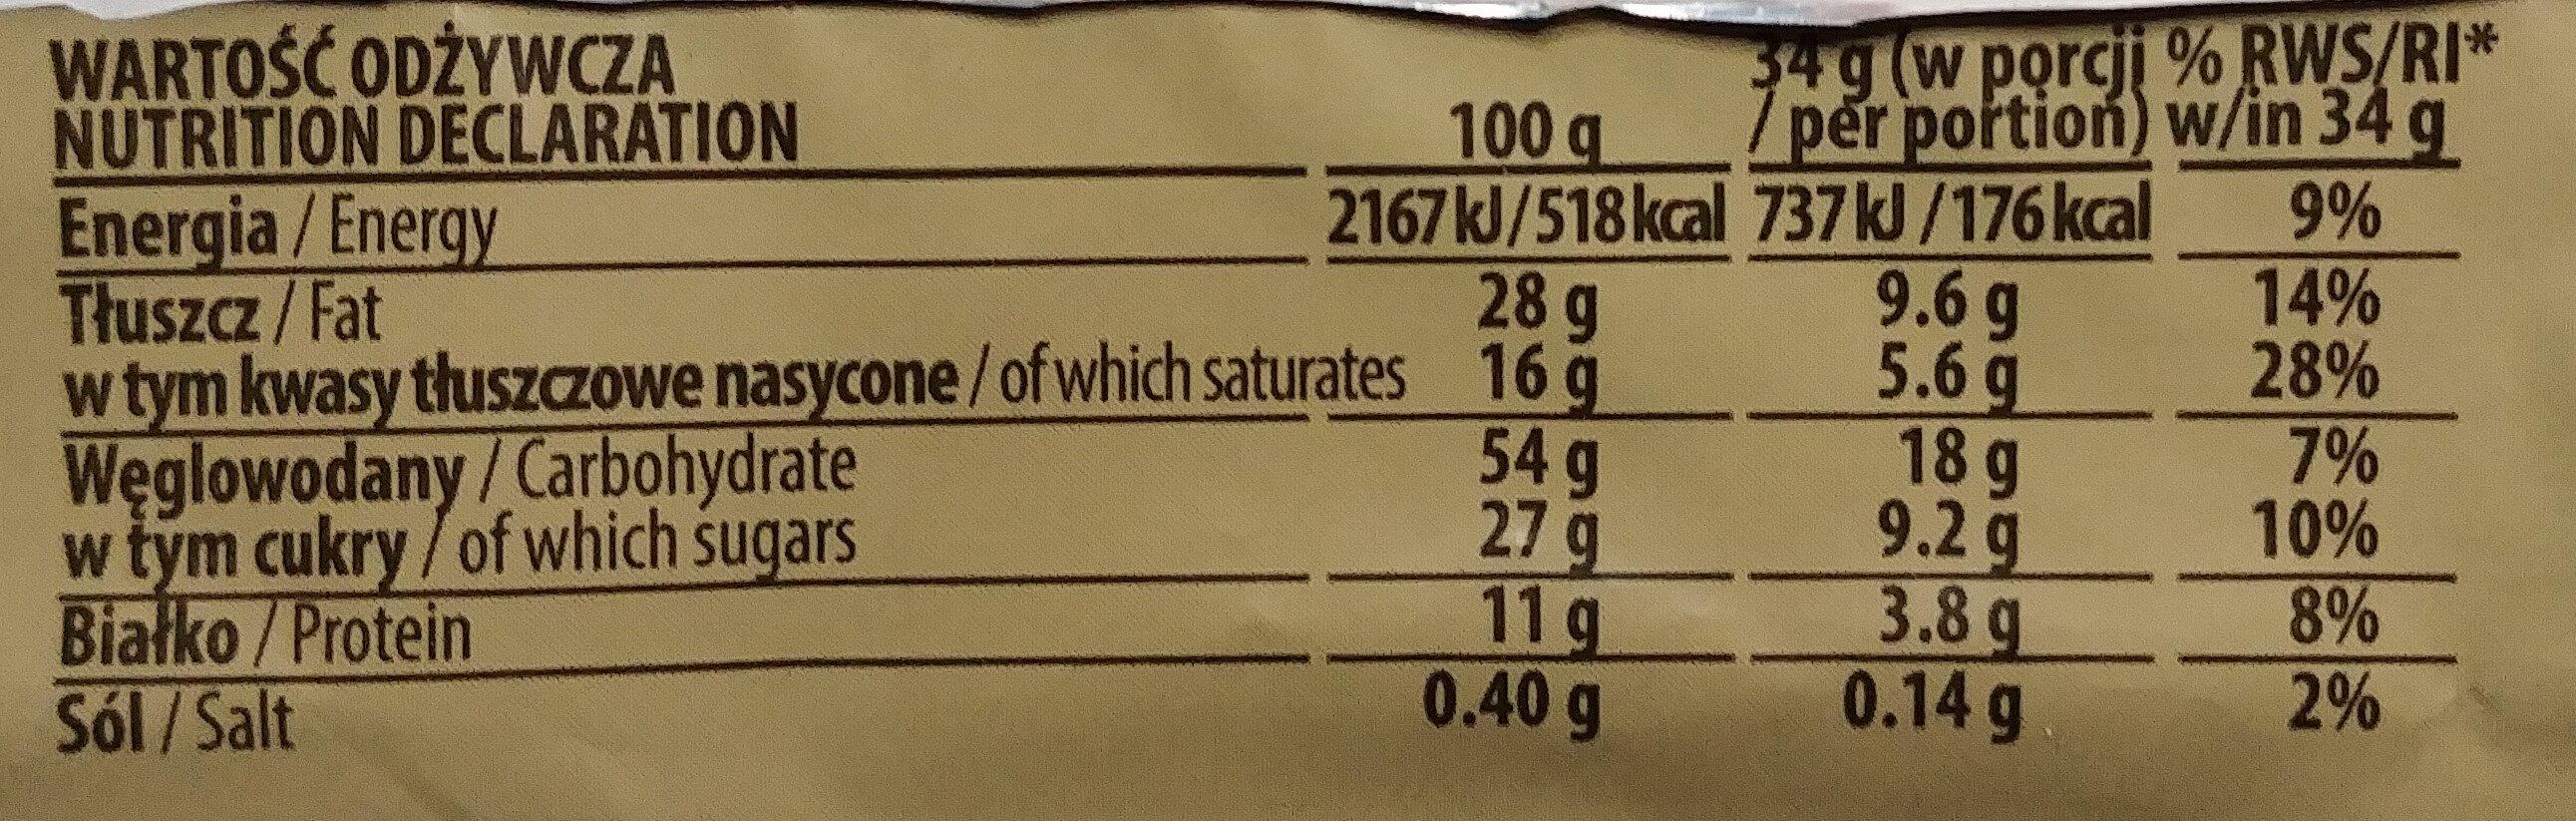 Wafel przekładany kremem kakaowym. - Wartości odżywcze